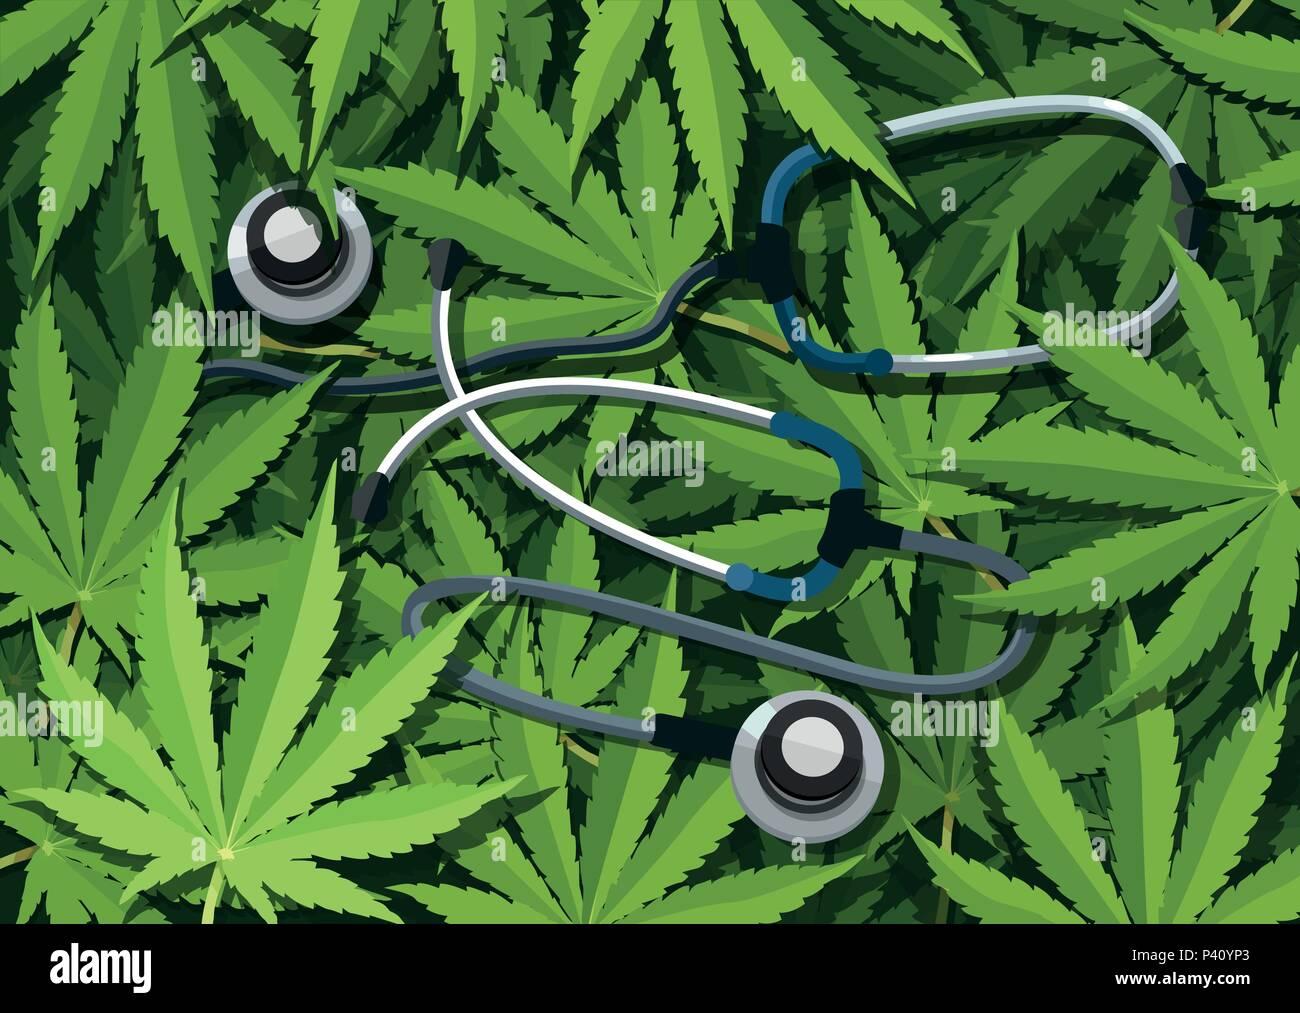 El uso médico de la marihuana y el concepto de cuidado de la salud. La medicina tradicional versus otras opciones con cannabis Imagen De Stock